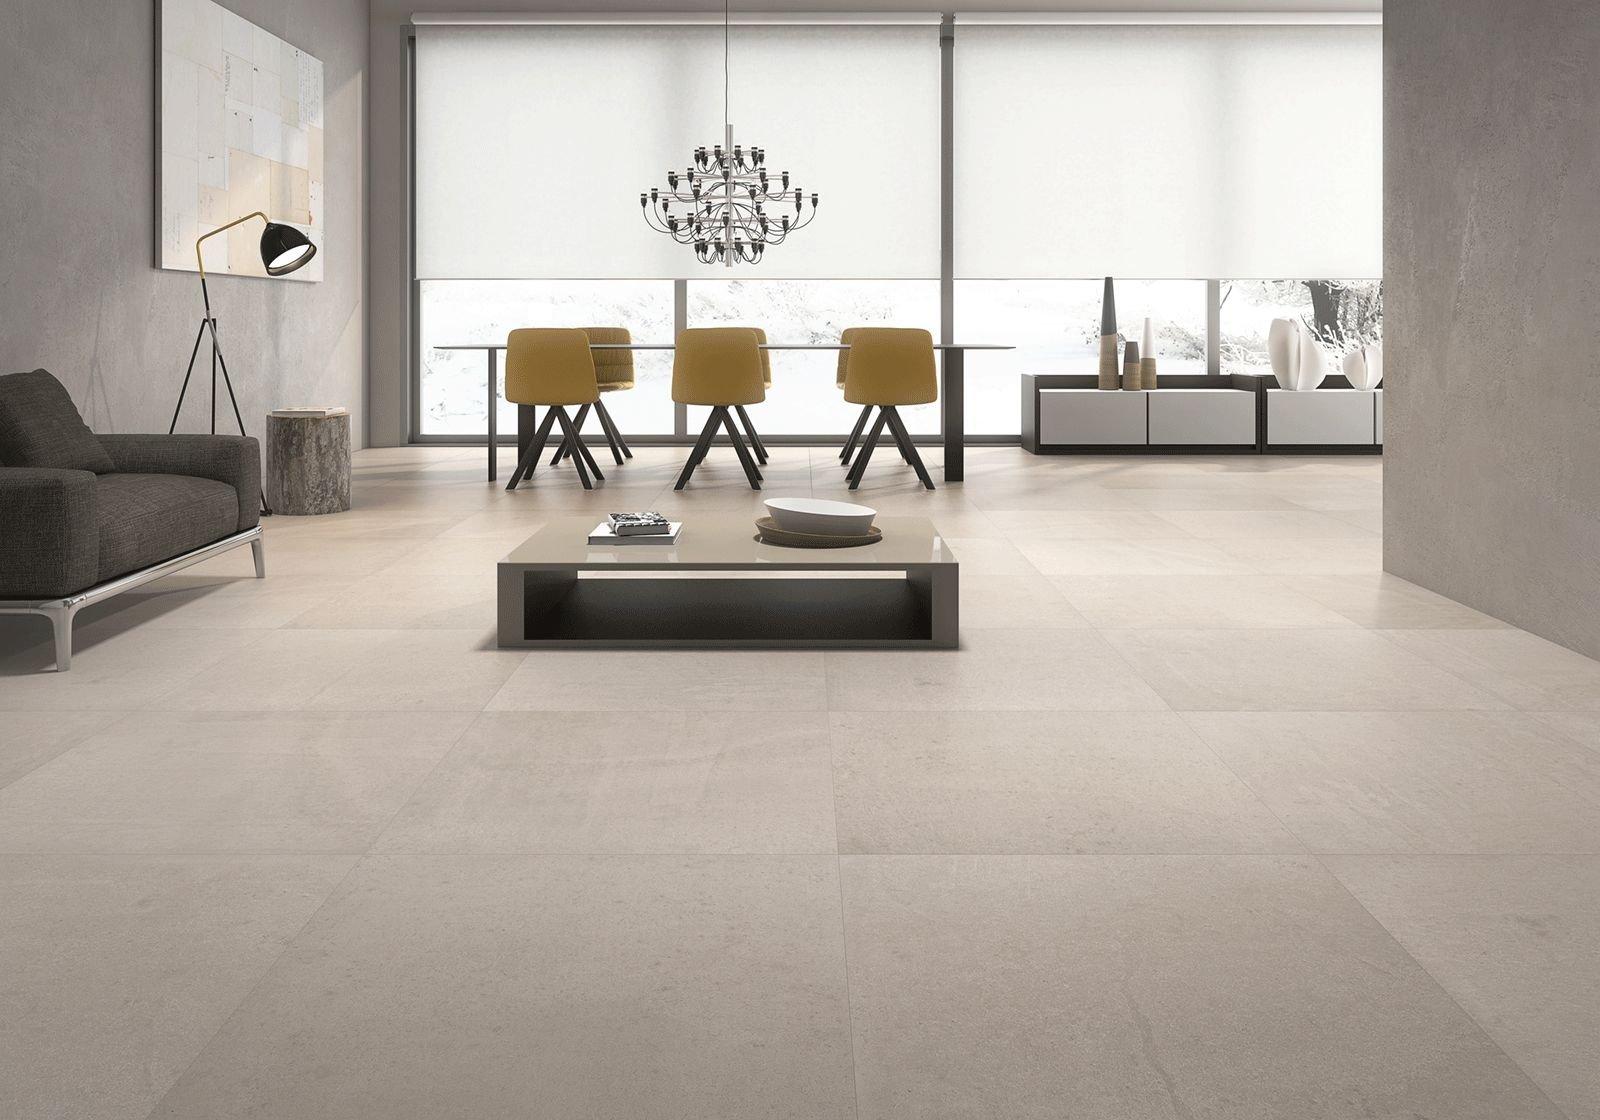 serie hamilton hochwertige design fliesen aventuro fliesen. Black Bedroom Furniture Sets. Home Design Ideas